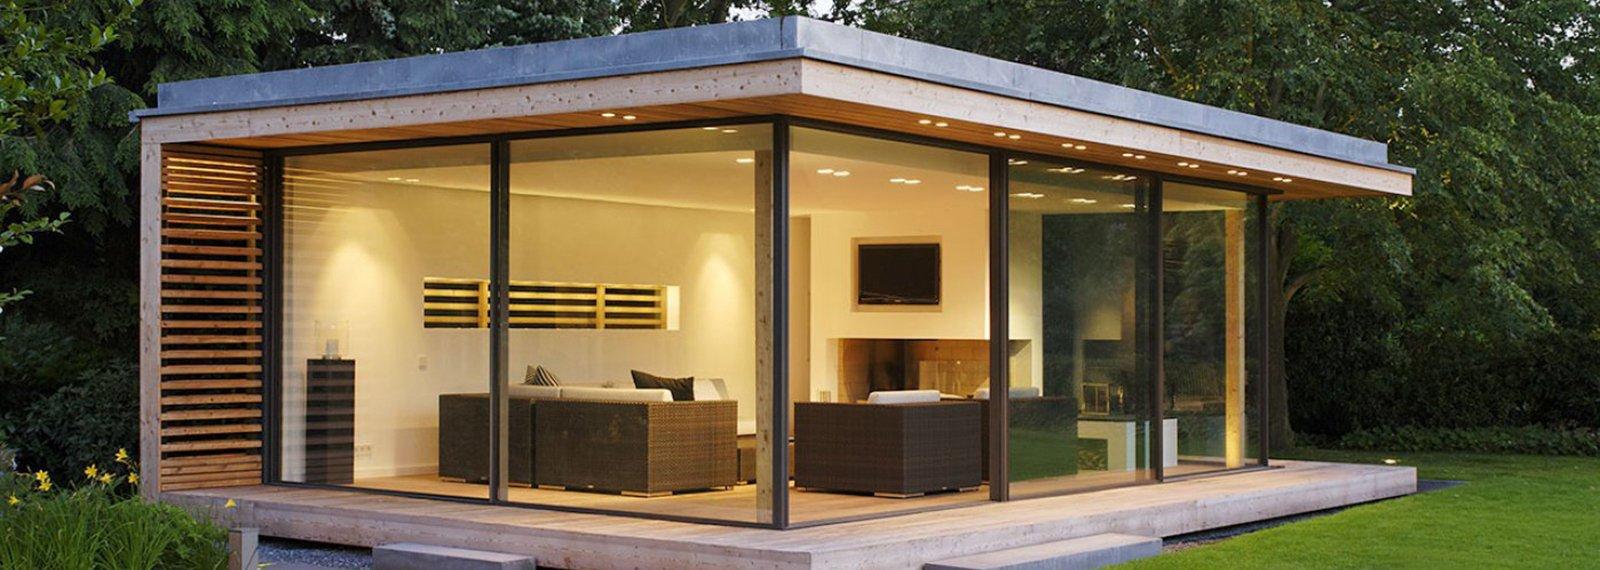 Studio De Jardin Bois Habitable Pool House Extension Maison encequiconcerne Abris De Jardin Habitable